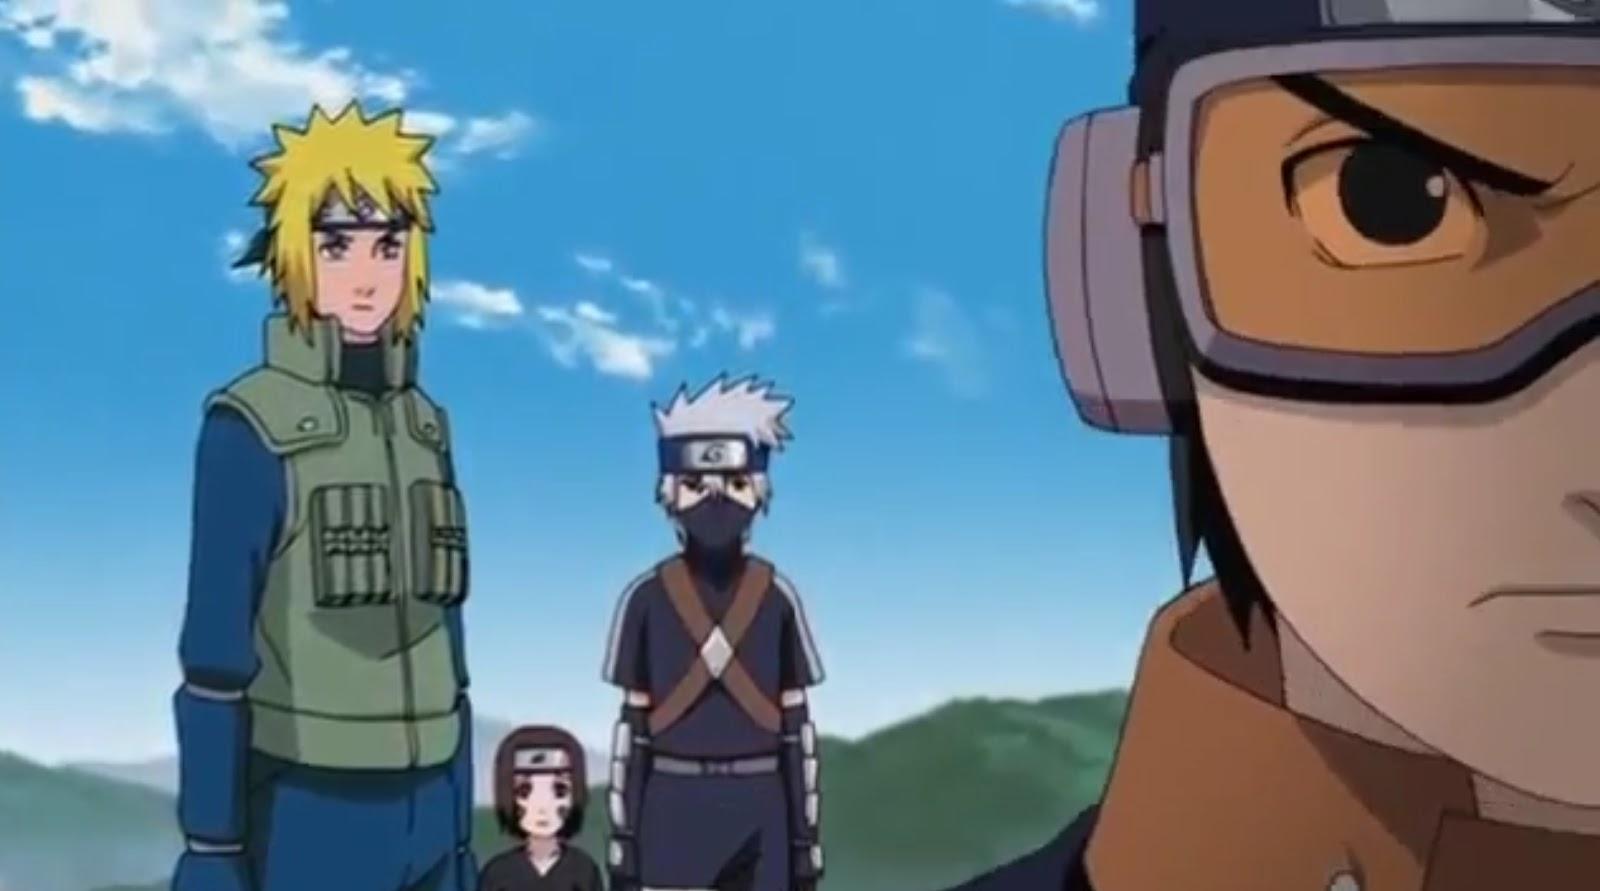 Naruto Shippuden Episódio 417, Assistir Naruto Shippuden Episódio 417, Assistir Naruto Shippuden Todos os Episódios Legendado, Naruto Shippuden episódio 417,HD